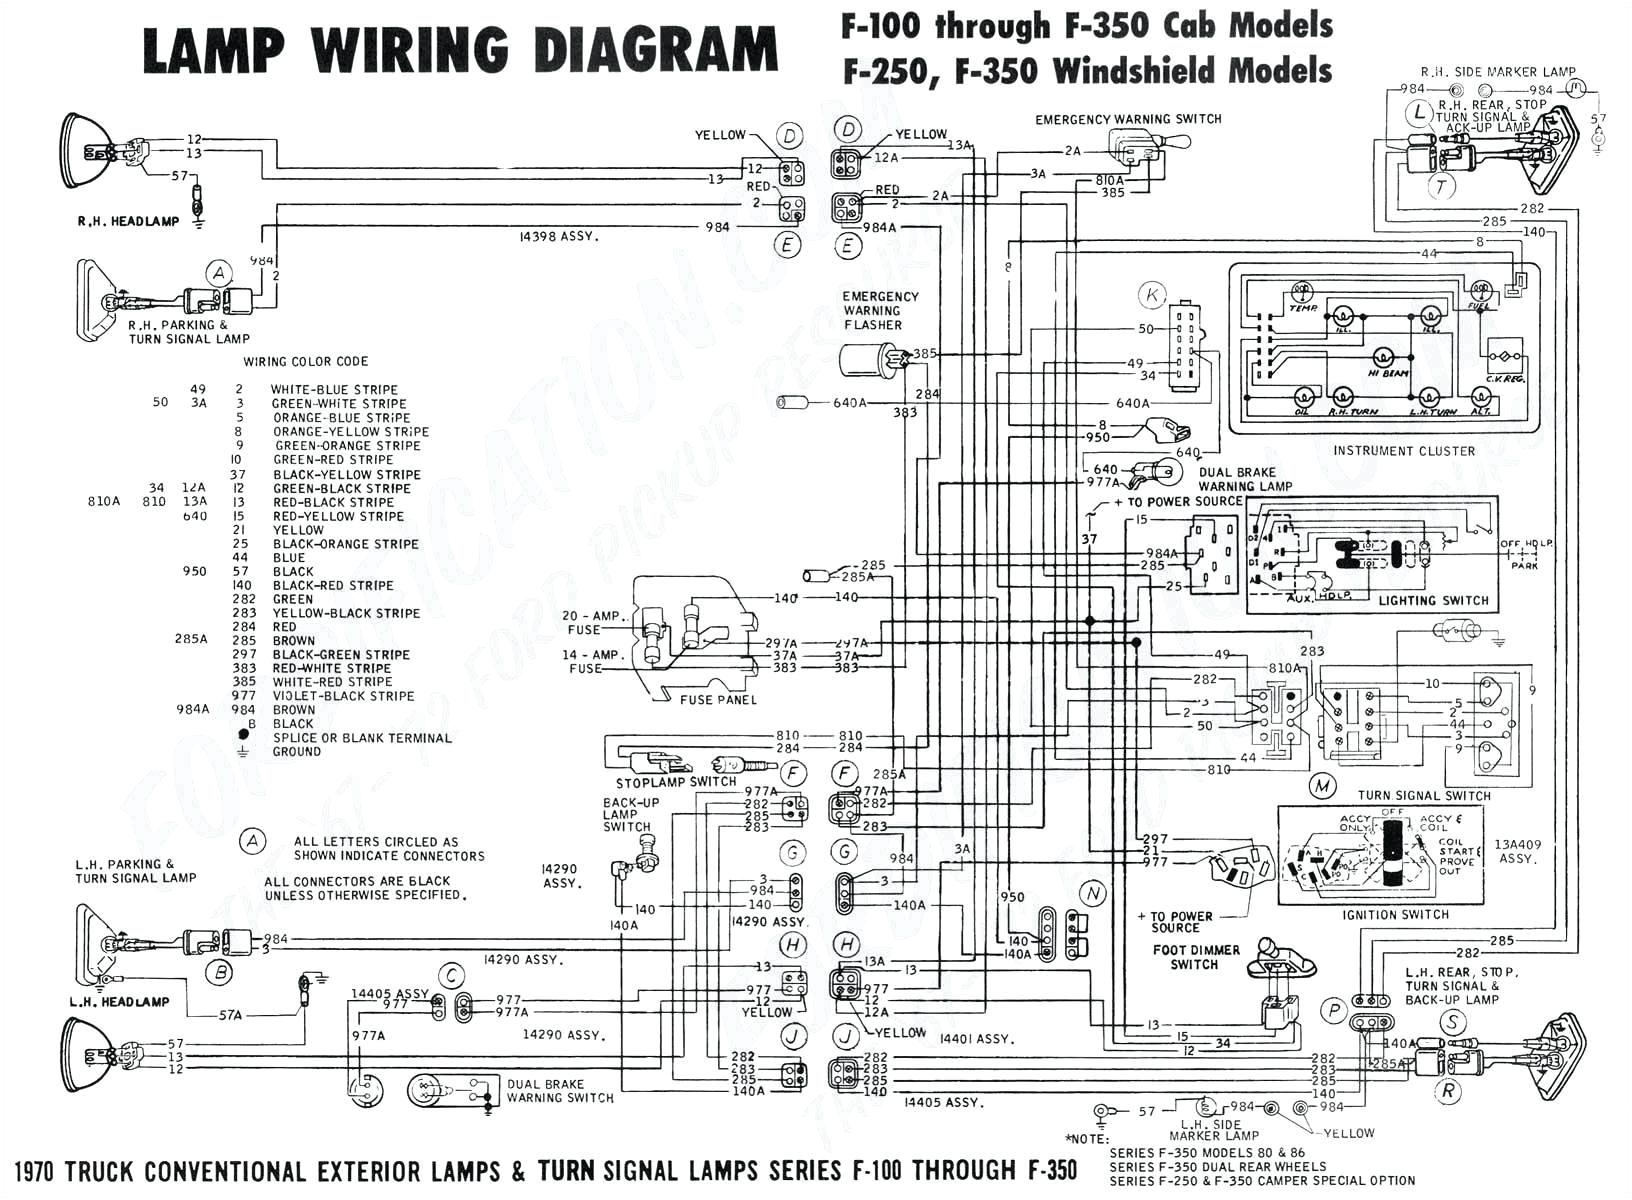 diagram 1993 ford f 150 fuel system diagram 1993 ford f 150 fuel 1993 ford f150 radio wiring harness 1993 ford f150 wiring harness